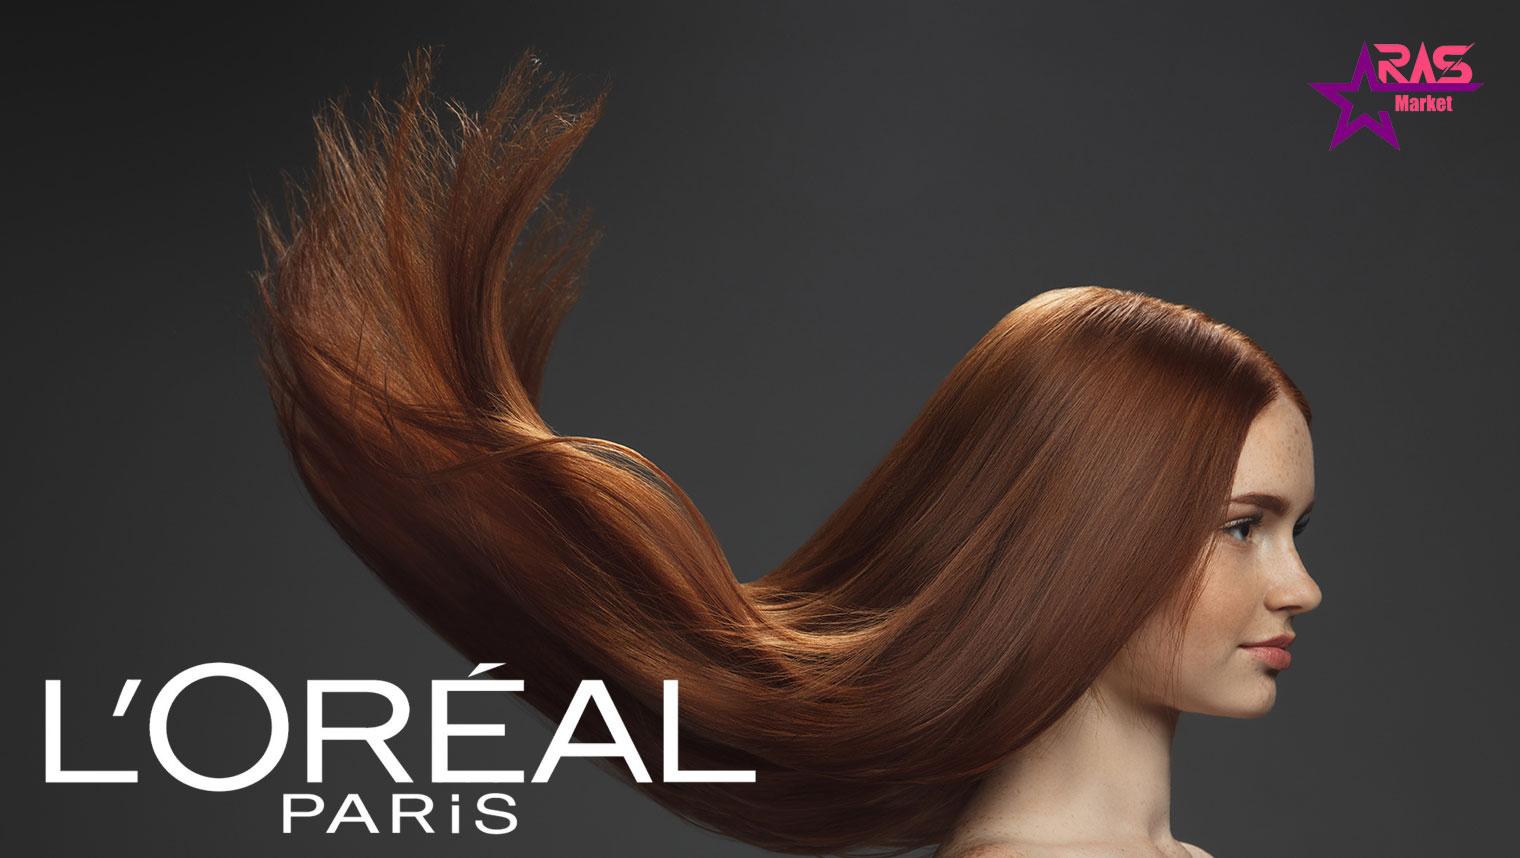 کیت رنگ مو لورآل سری Excellence شماره 6.41 ، خرید اینترنتی محصولات شوینده و بهداشتی ، بهداشت بانوان ، ارس مارکت